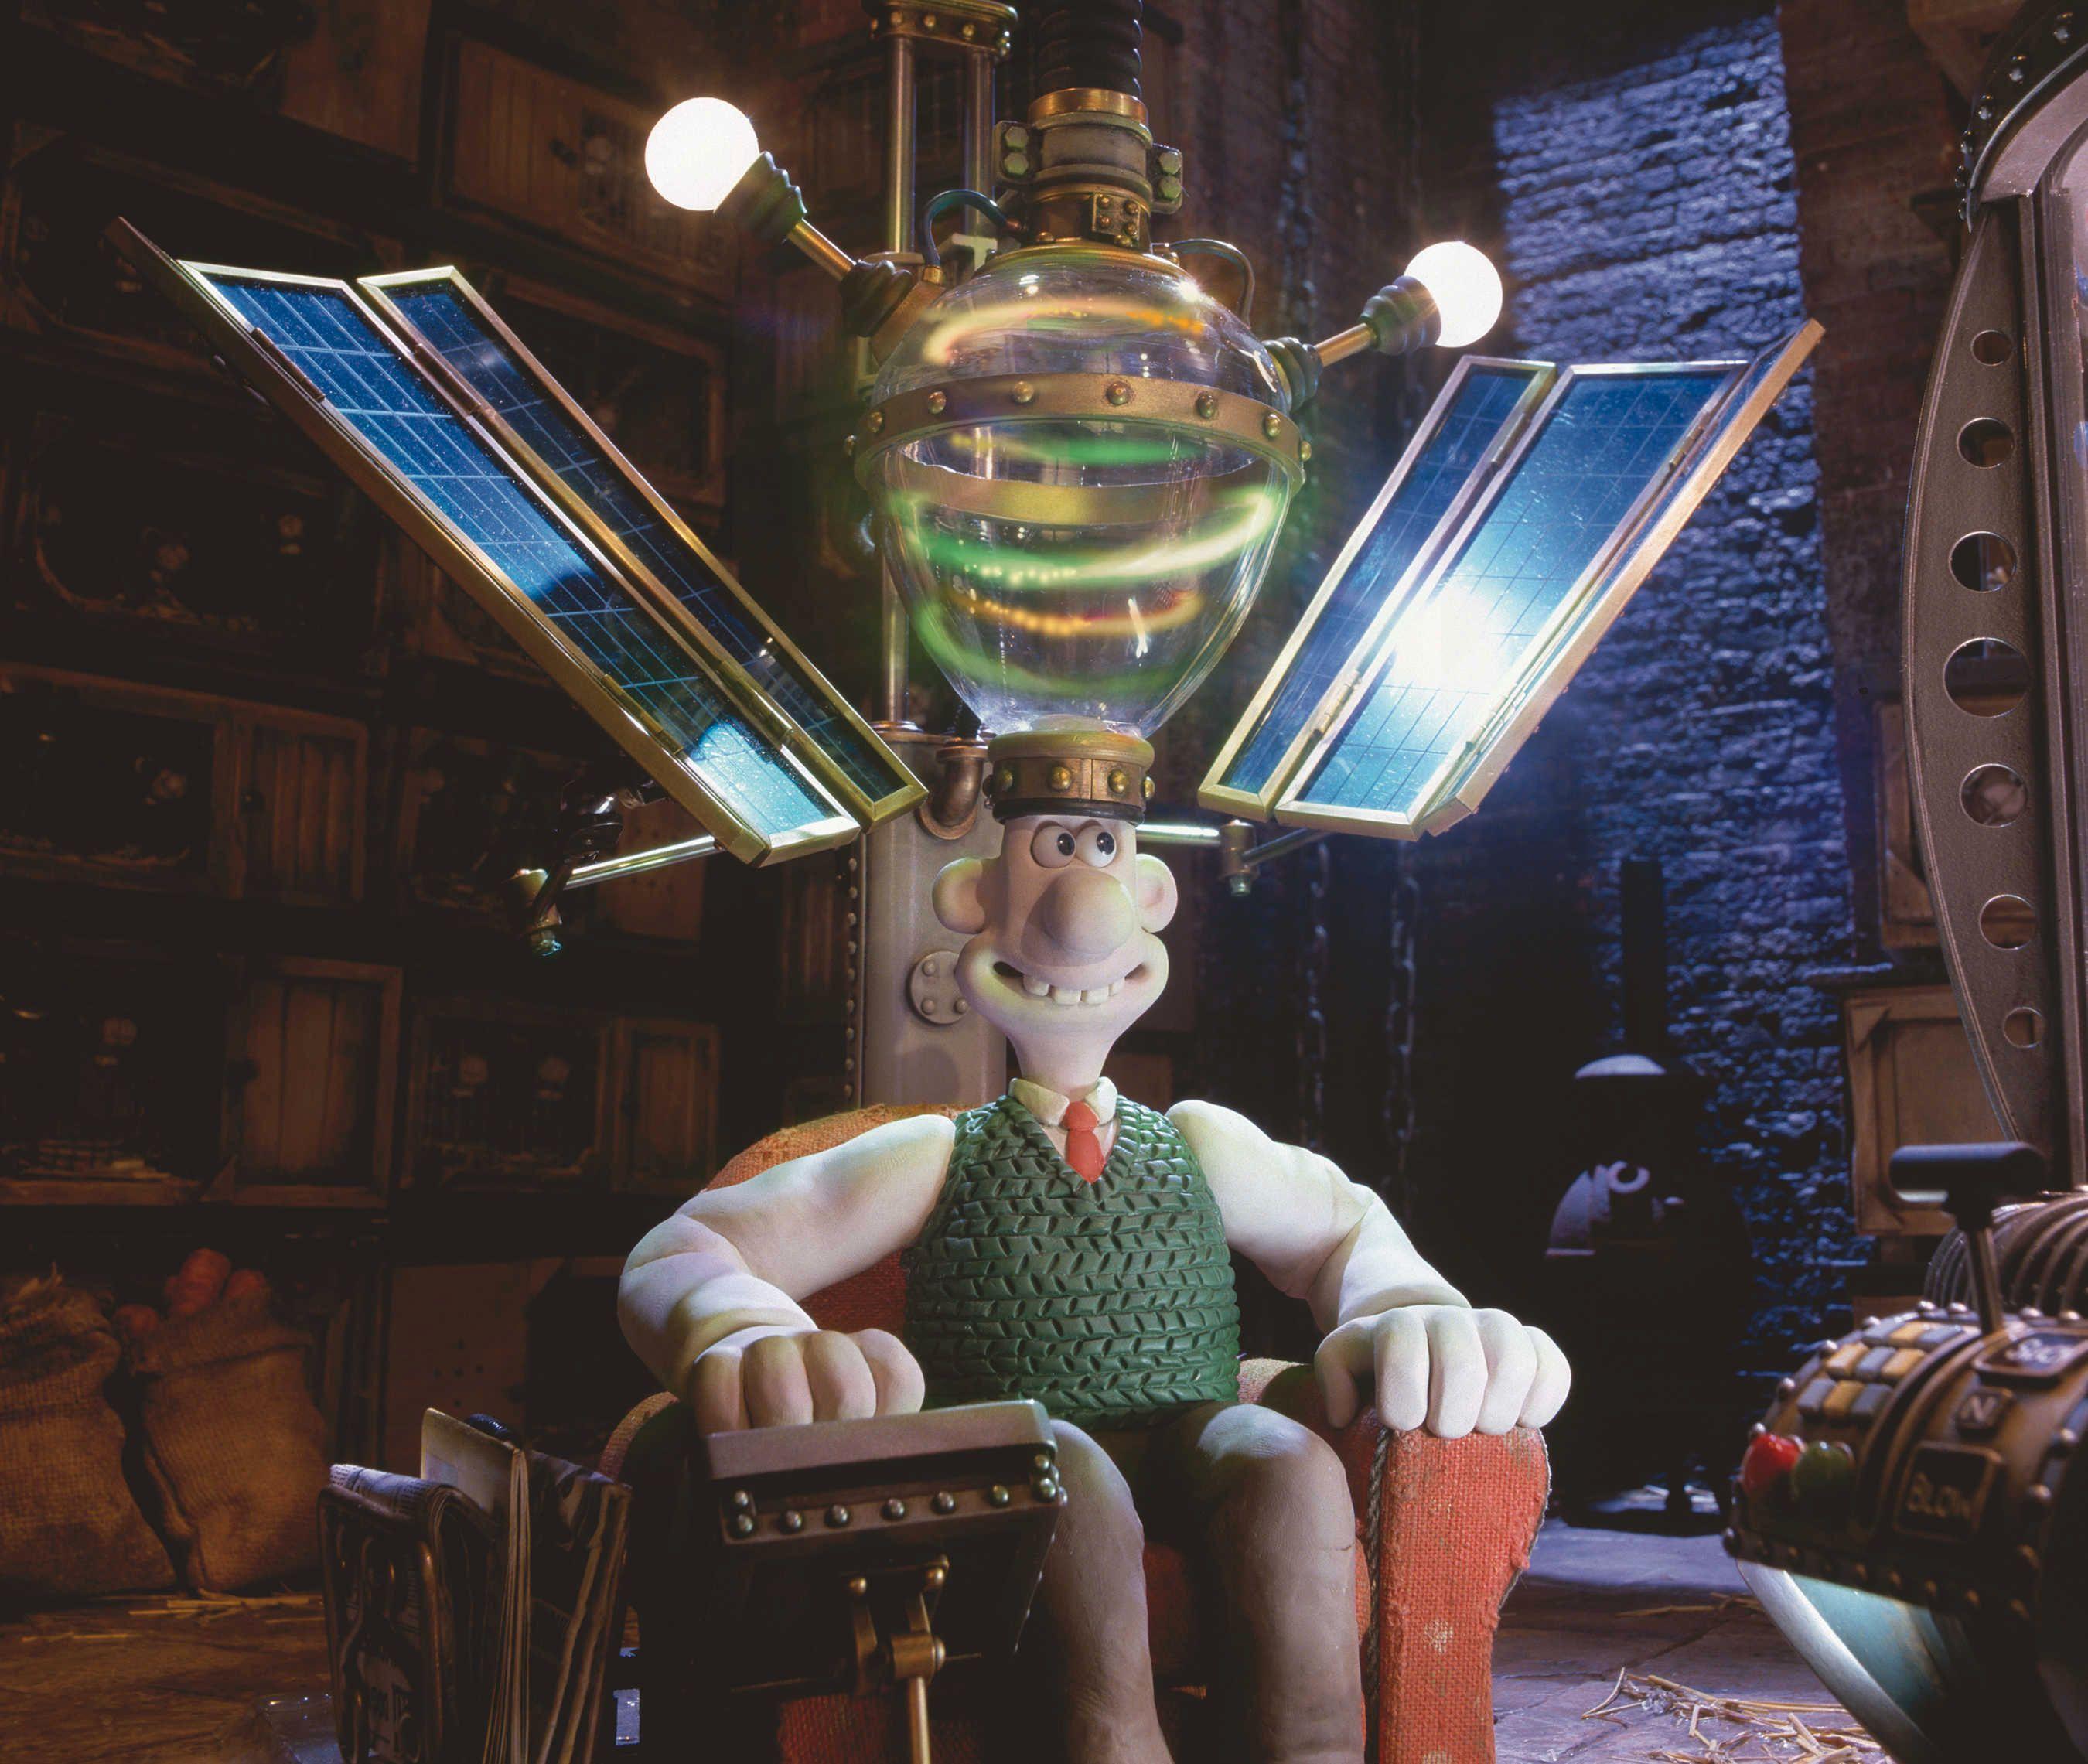 Det er sikkert nok av dem som er noe facsinert av Wallace og Gromits sprø oppfinnelser.